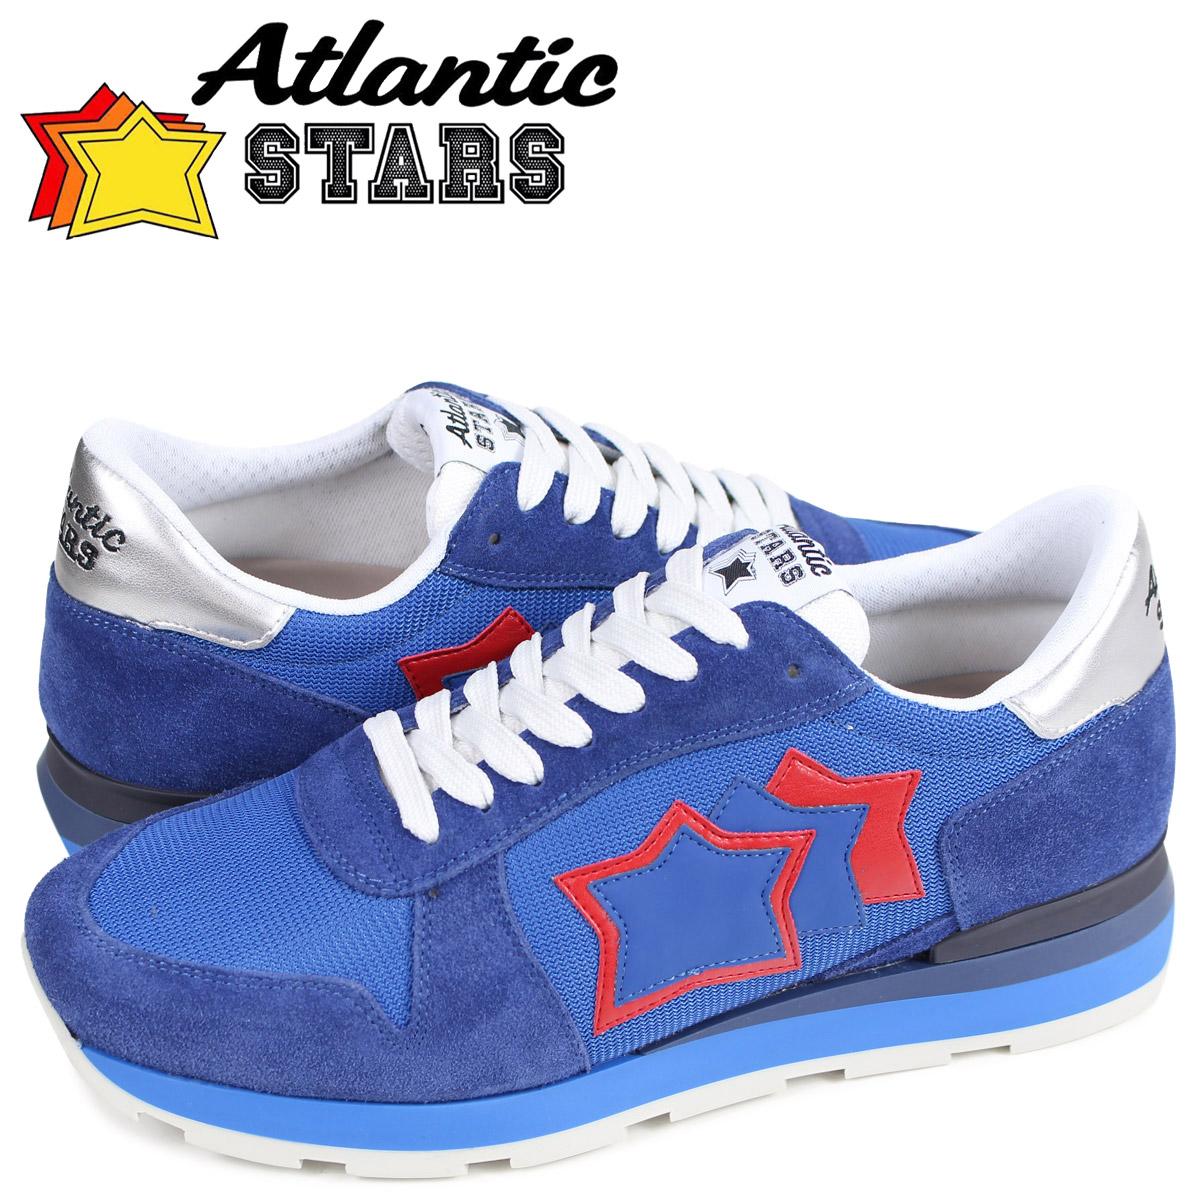 【最大2000円OFFクーポン】 アトランティックスターズ スニーカー メンズ Atlantic STARS シリウス SIRIUS AZB-83NY ブルー